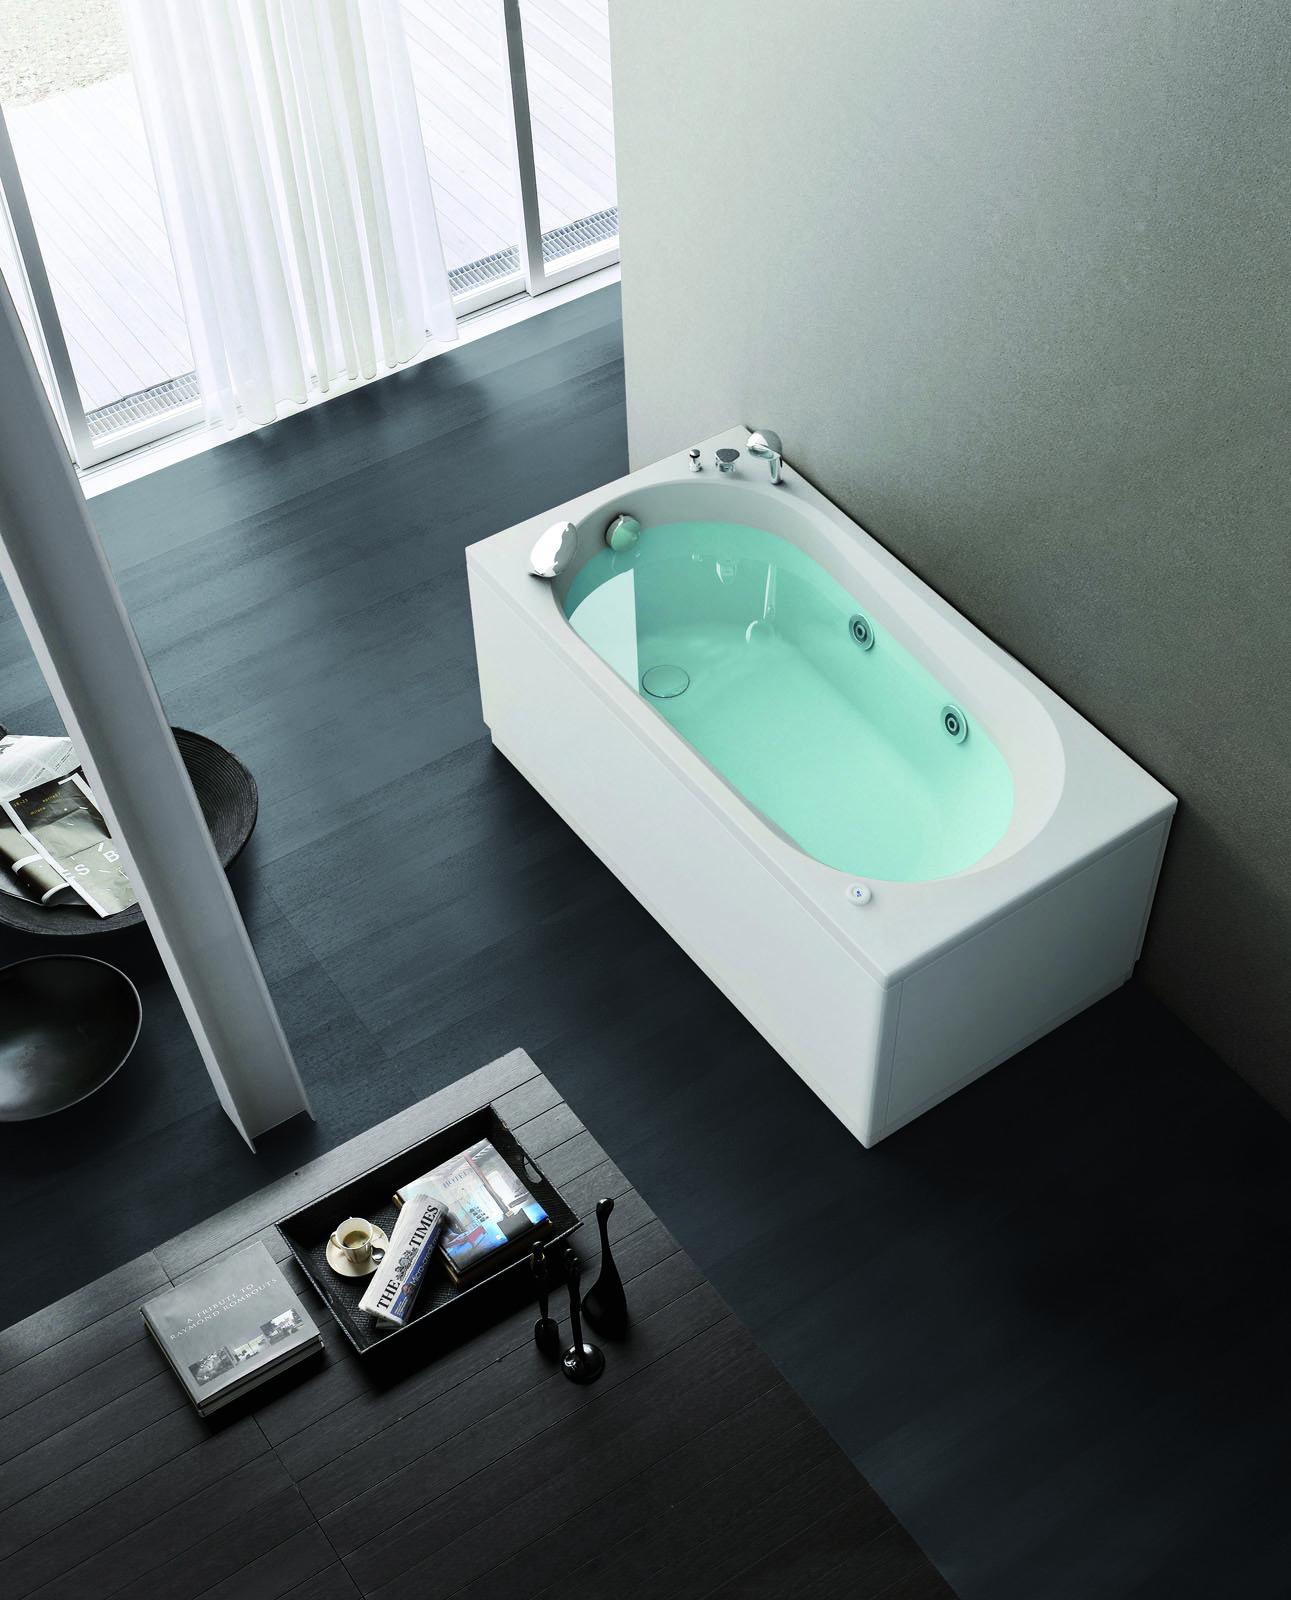 Vasche Da Bagno Piccole E Prezzi.Vasche Da Bagno Piccole Cose Di Casa